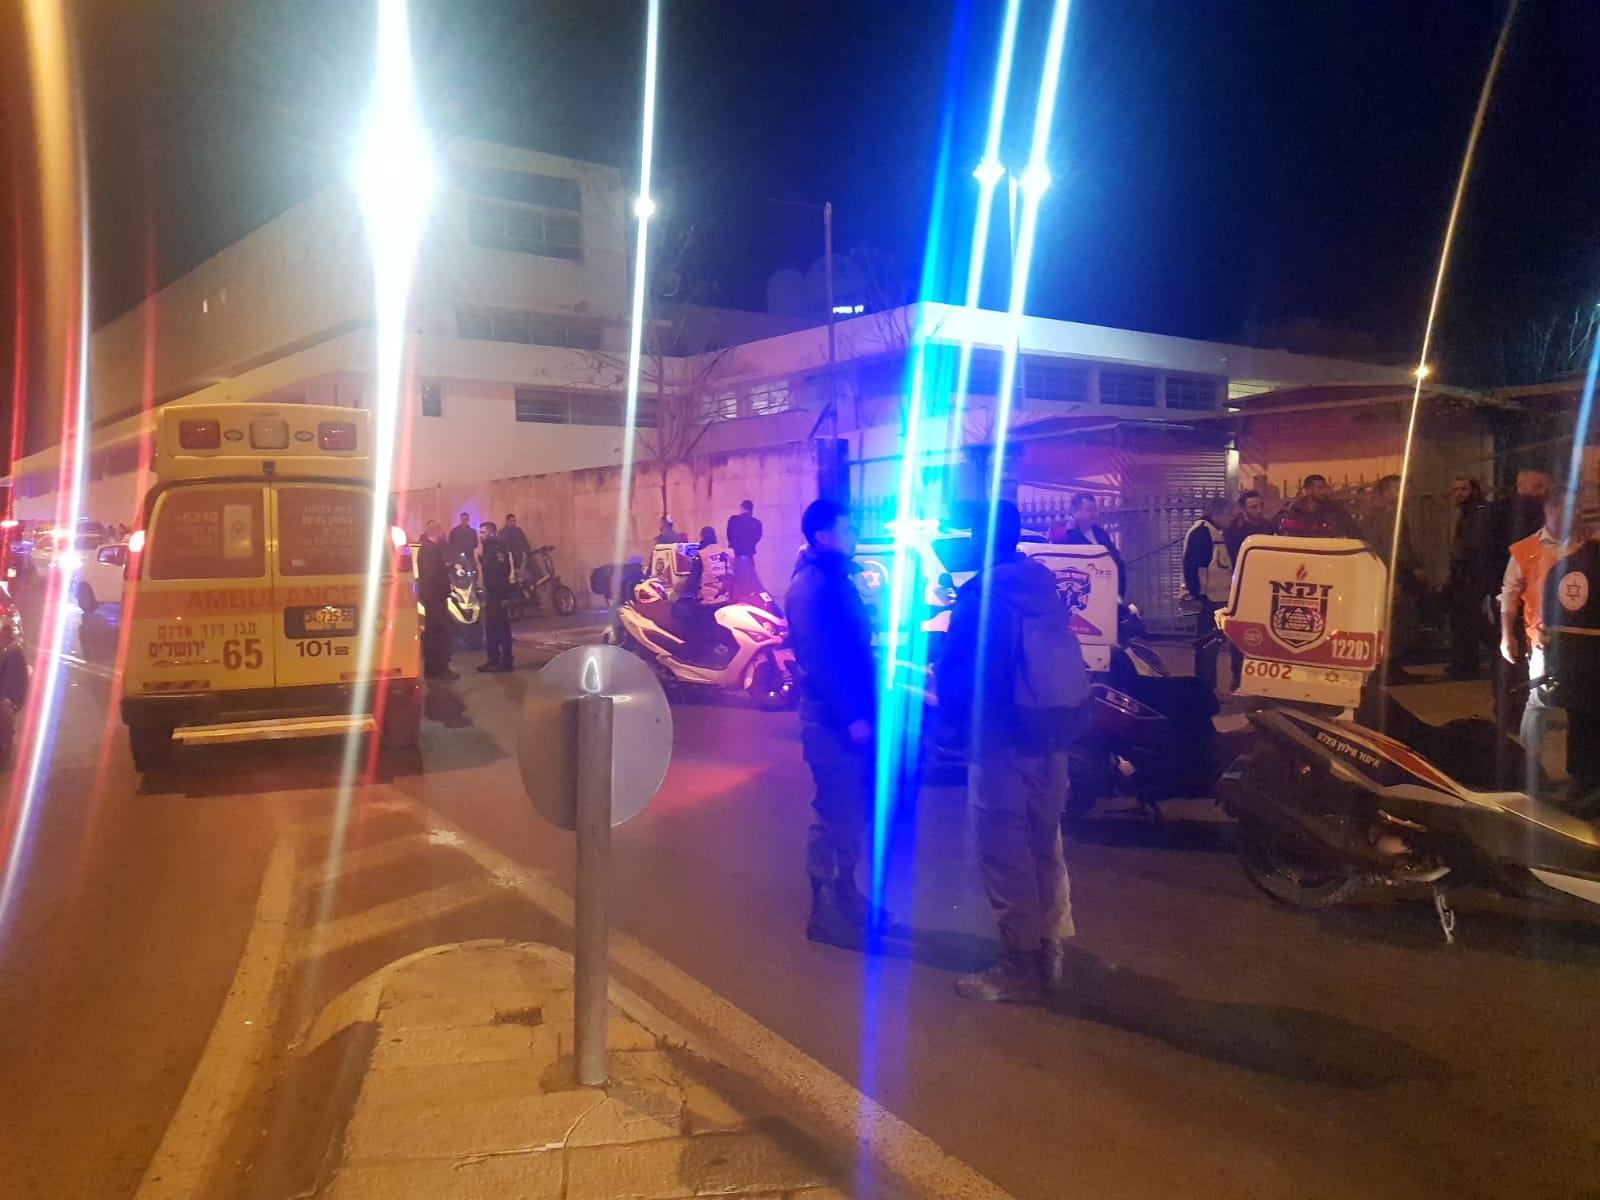 Drošības dienesti un mediķi pārpildīja naksnīgo ielu, kura auto iebrauca cilvēku pūlī